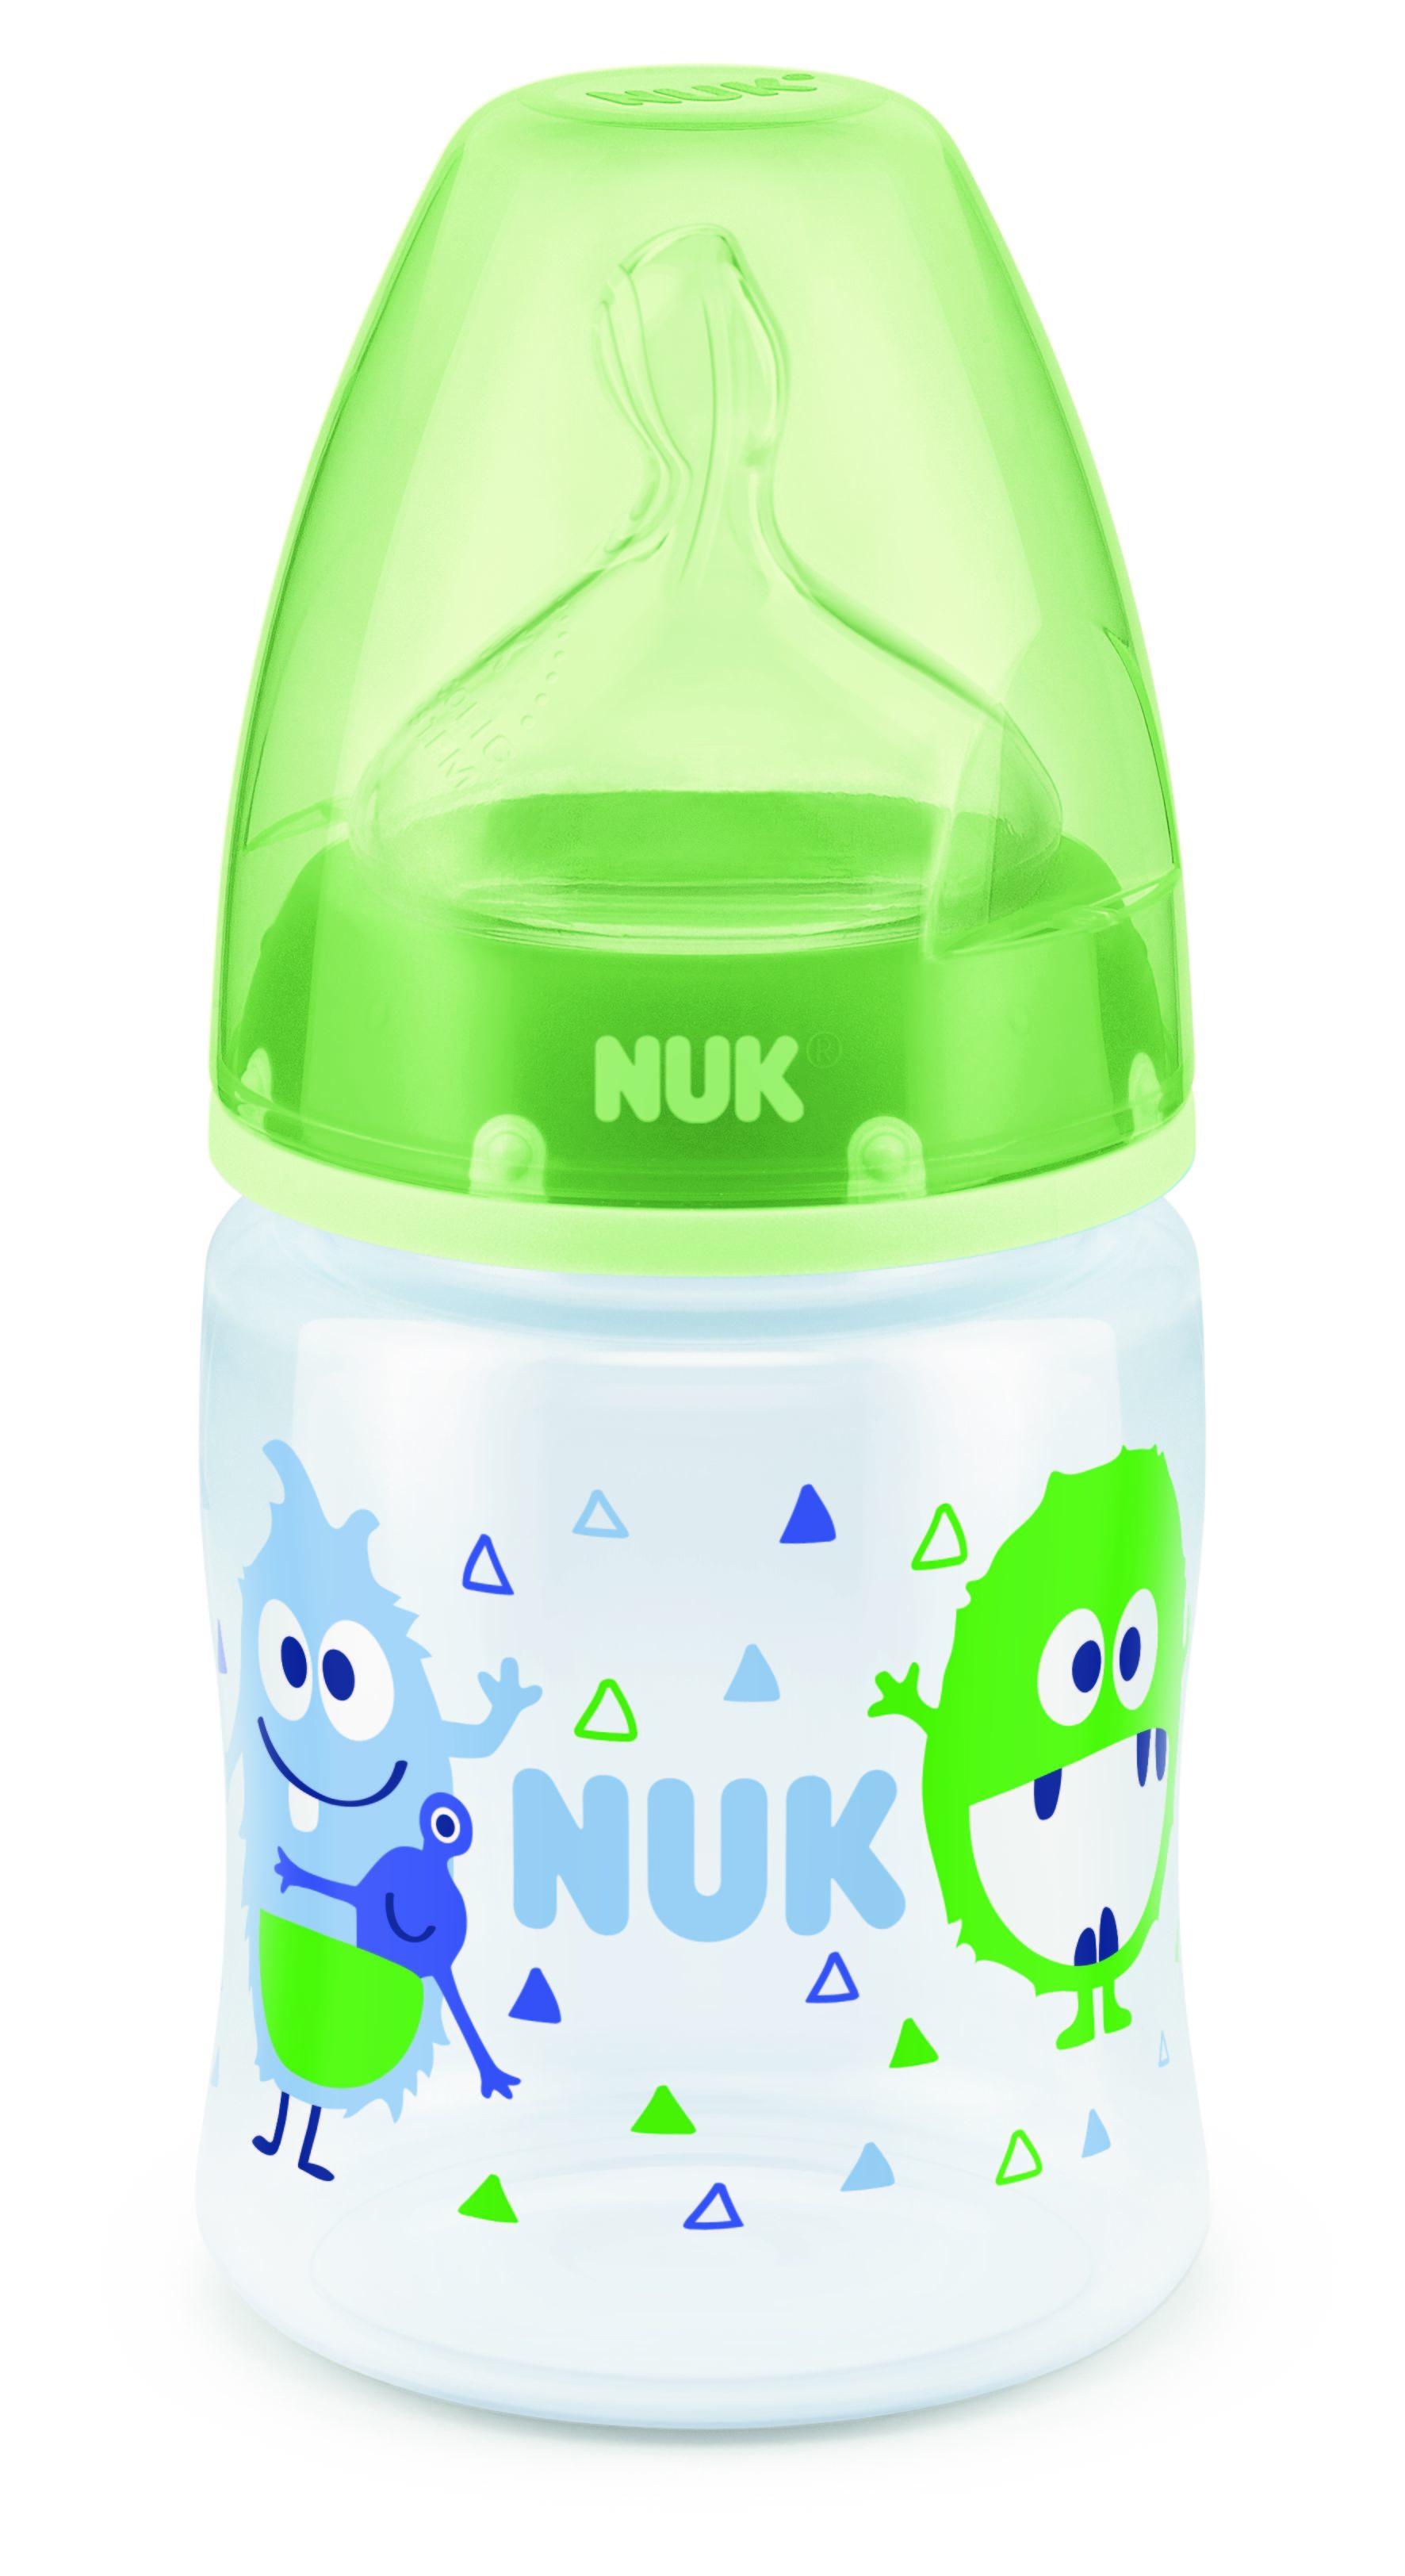 Бутылочки NUK First Choice Plus с силиконовой соской М 0+, 150 мл. бутылочки nuk first choice plus пластик 150 мл силиконовая соска м